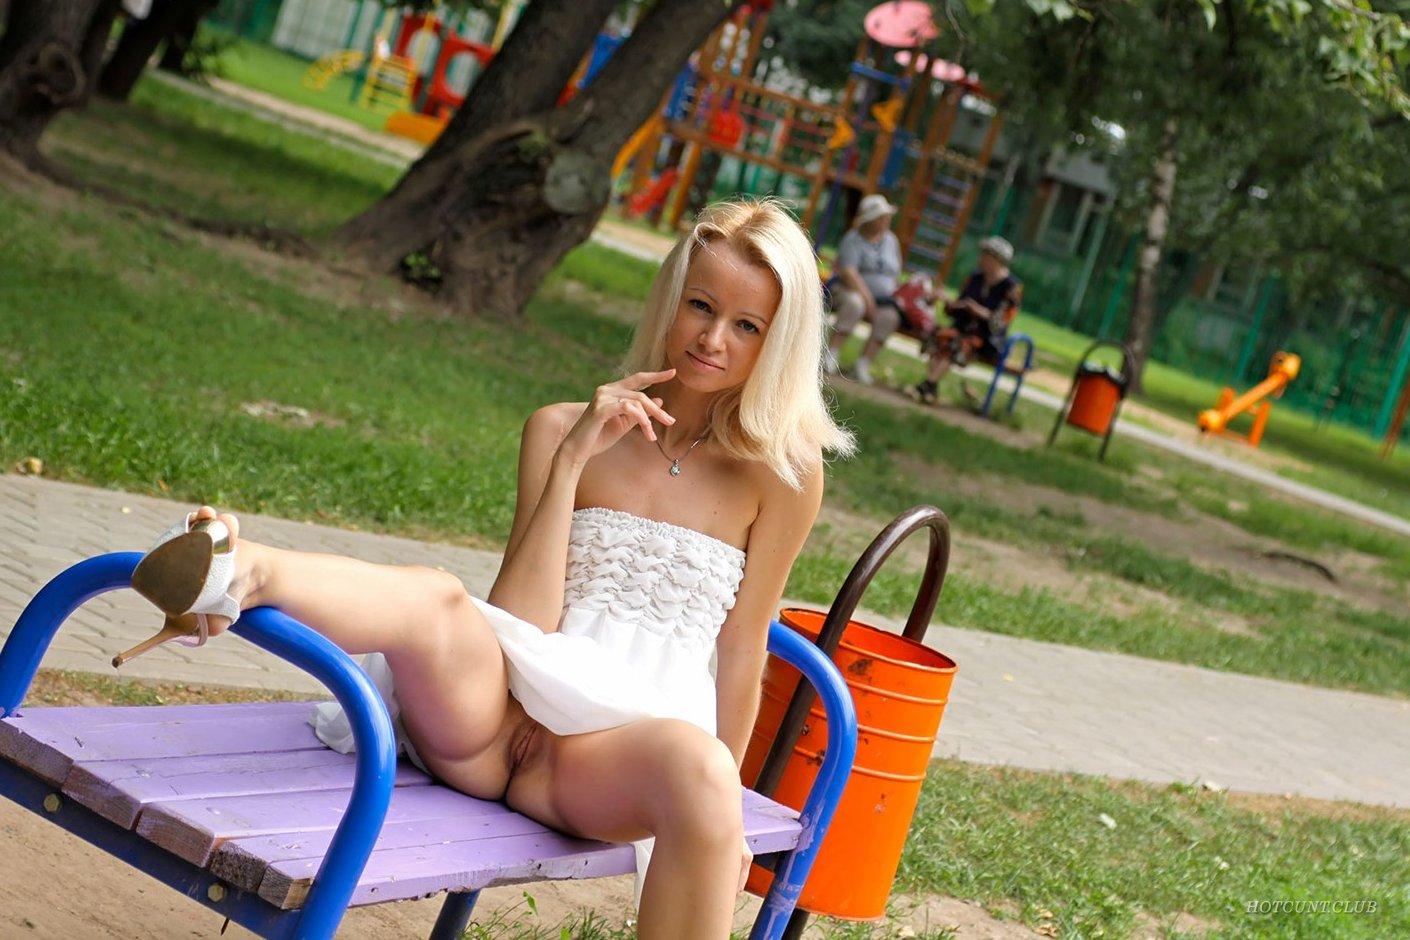 Девушка ходит по общественному месту без трусиков